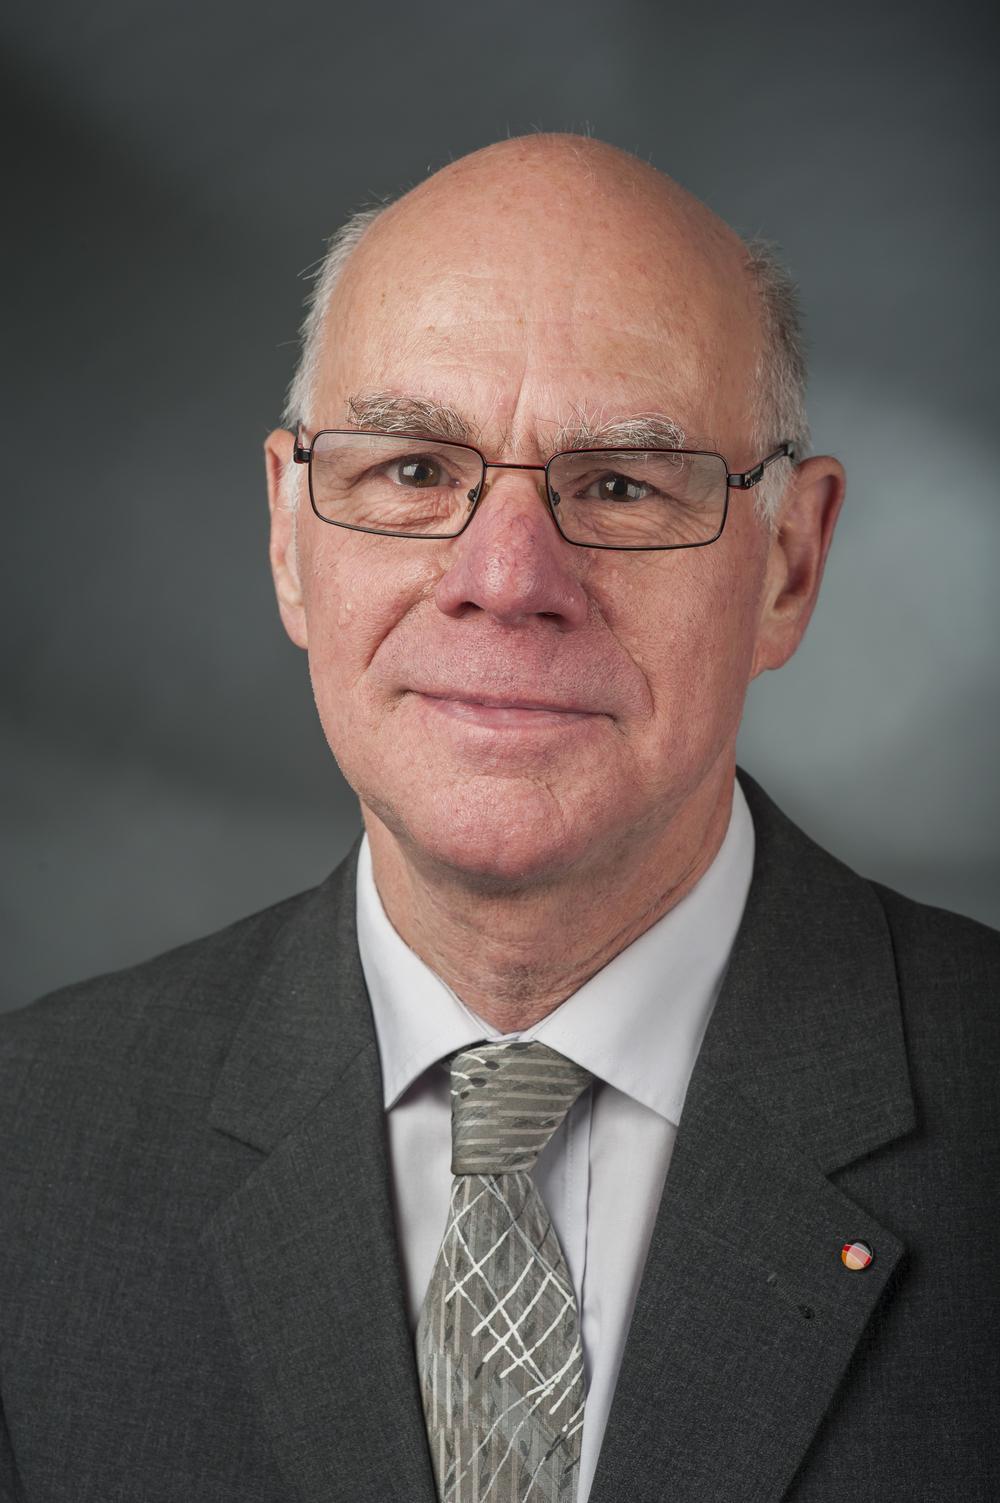 Bundestag President Norbert Lammert. Credit: Wikimedia Commons.